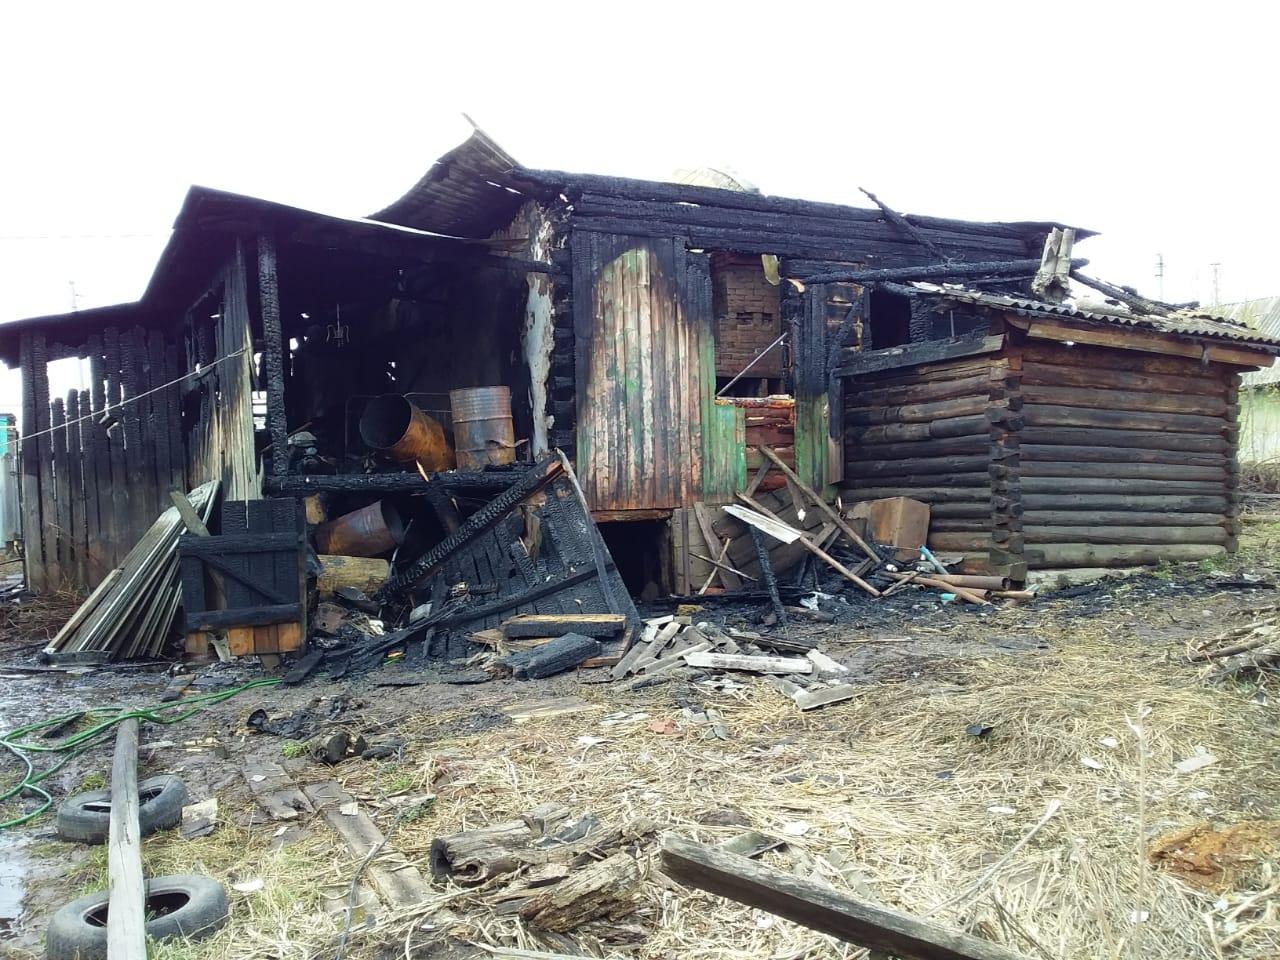 В Башкирии пожарный извещатель спас семью с двумя детьми